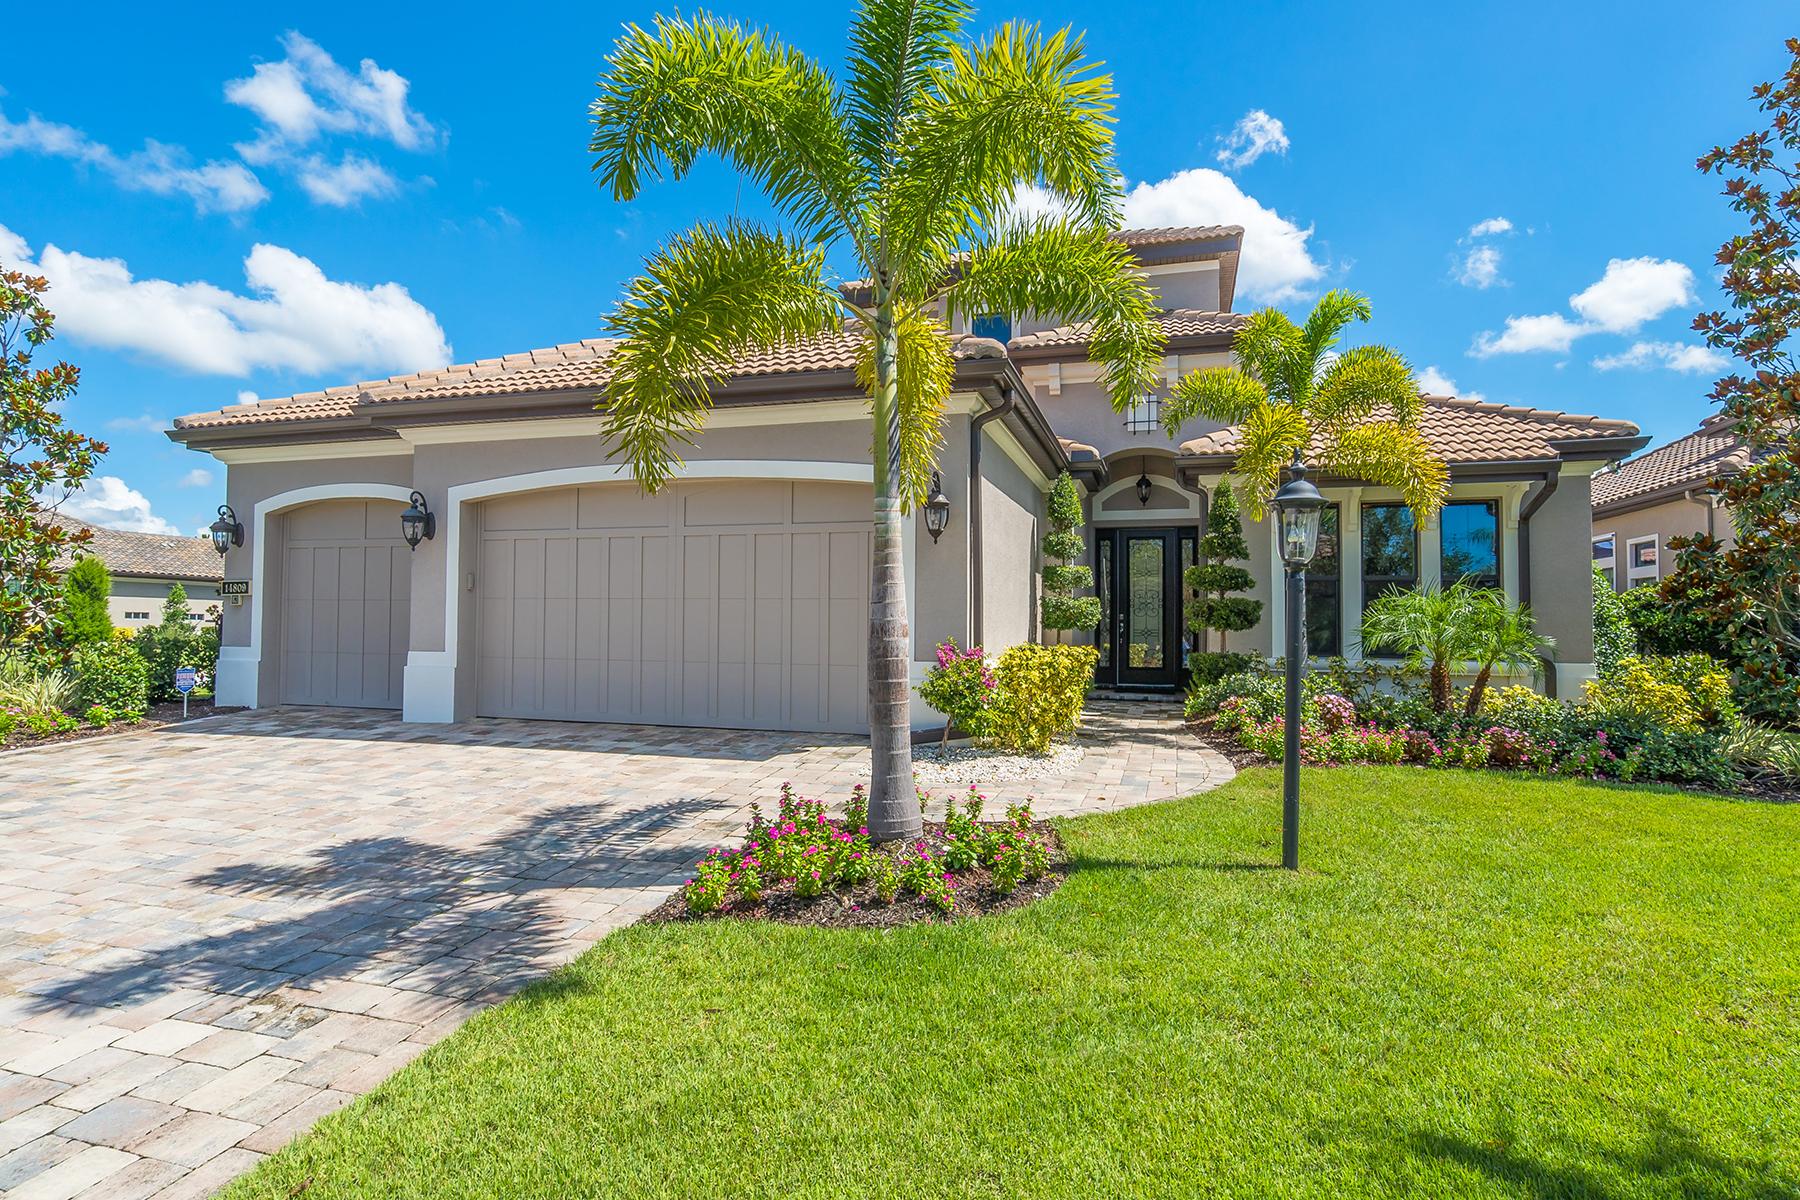 独户住宅 为 销售 在 COUNTRY CLUB EAST 14809 Secret Harbor Pl 莱克伍德牧场, 佛罗里达州, 34202 美国